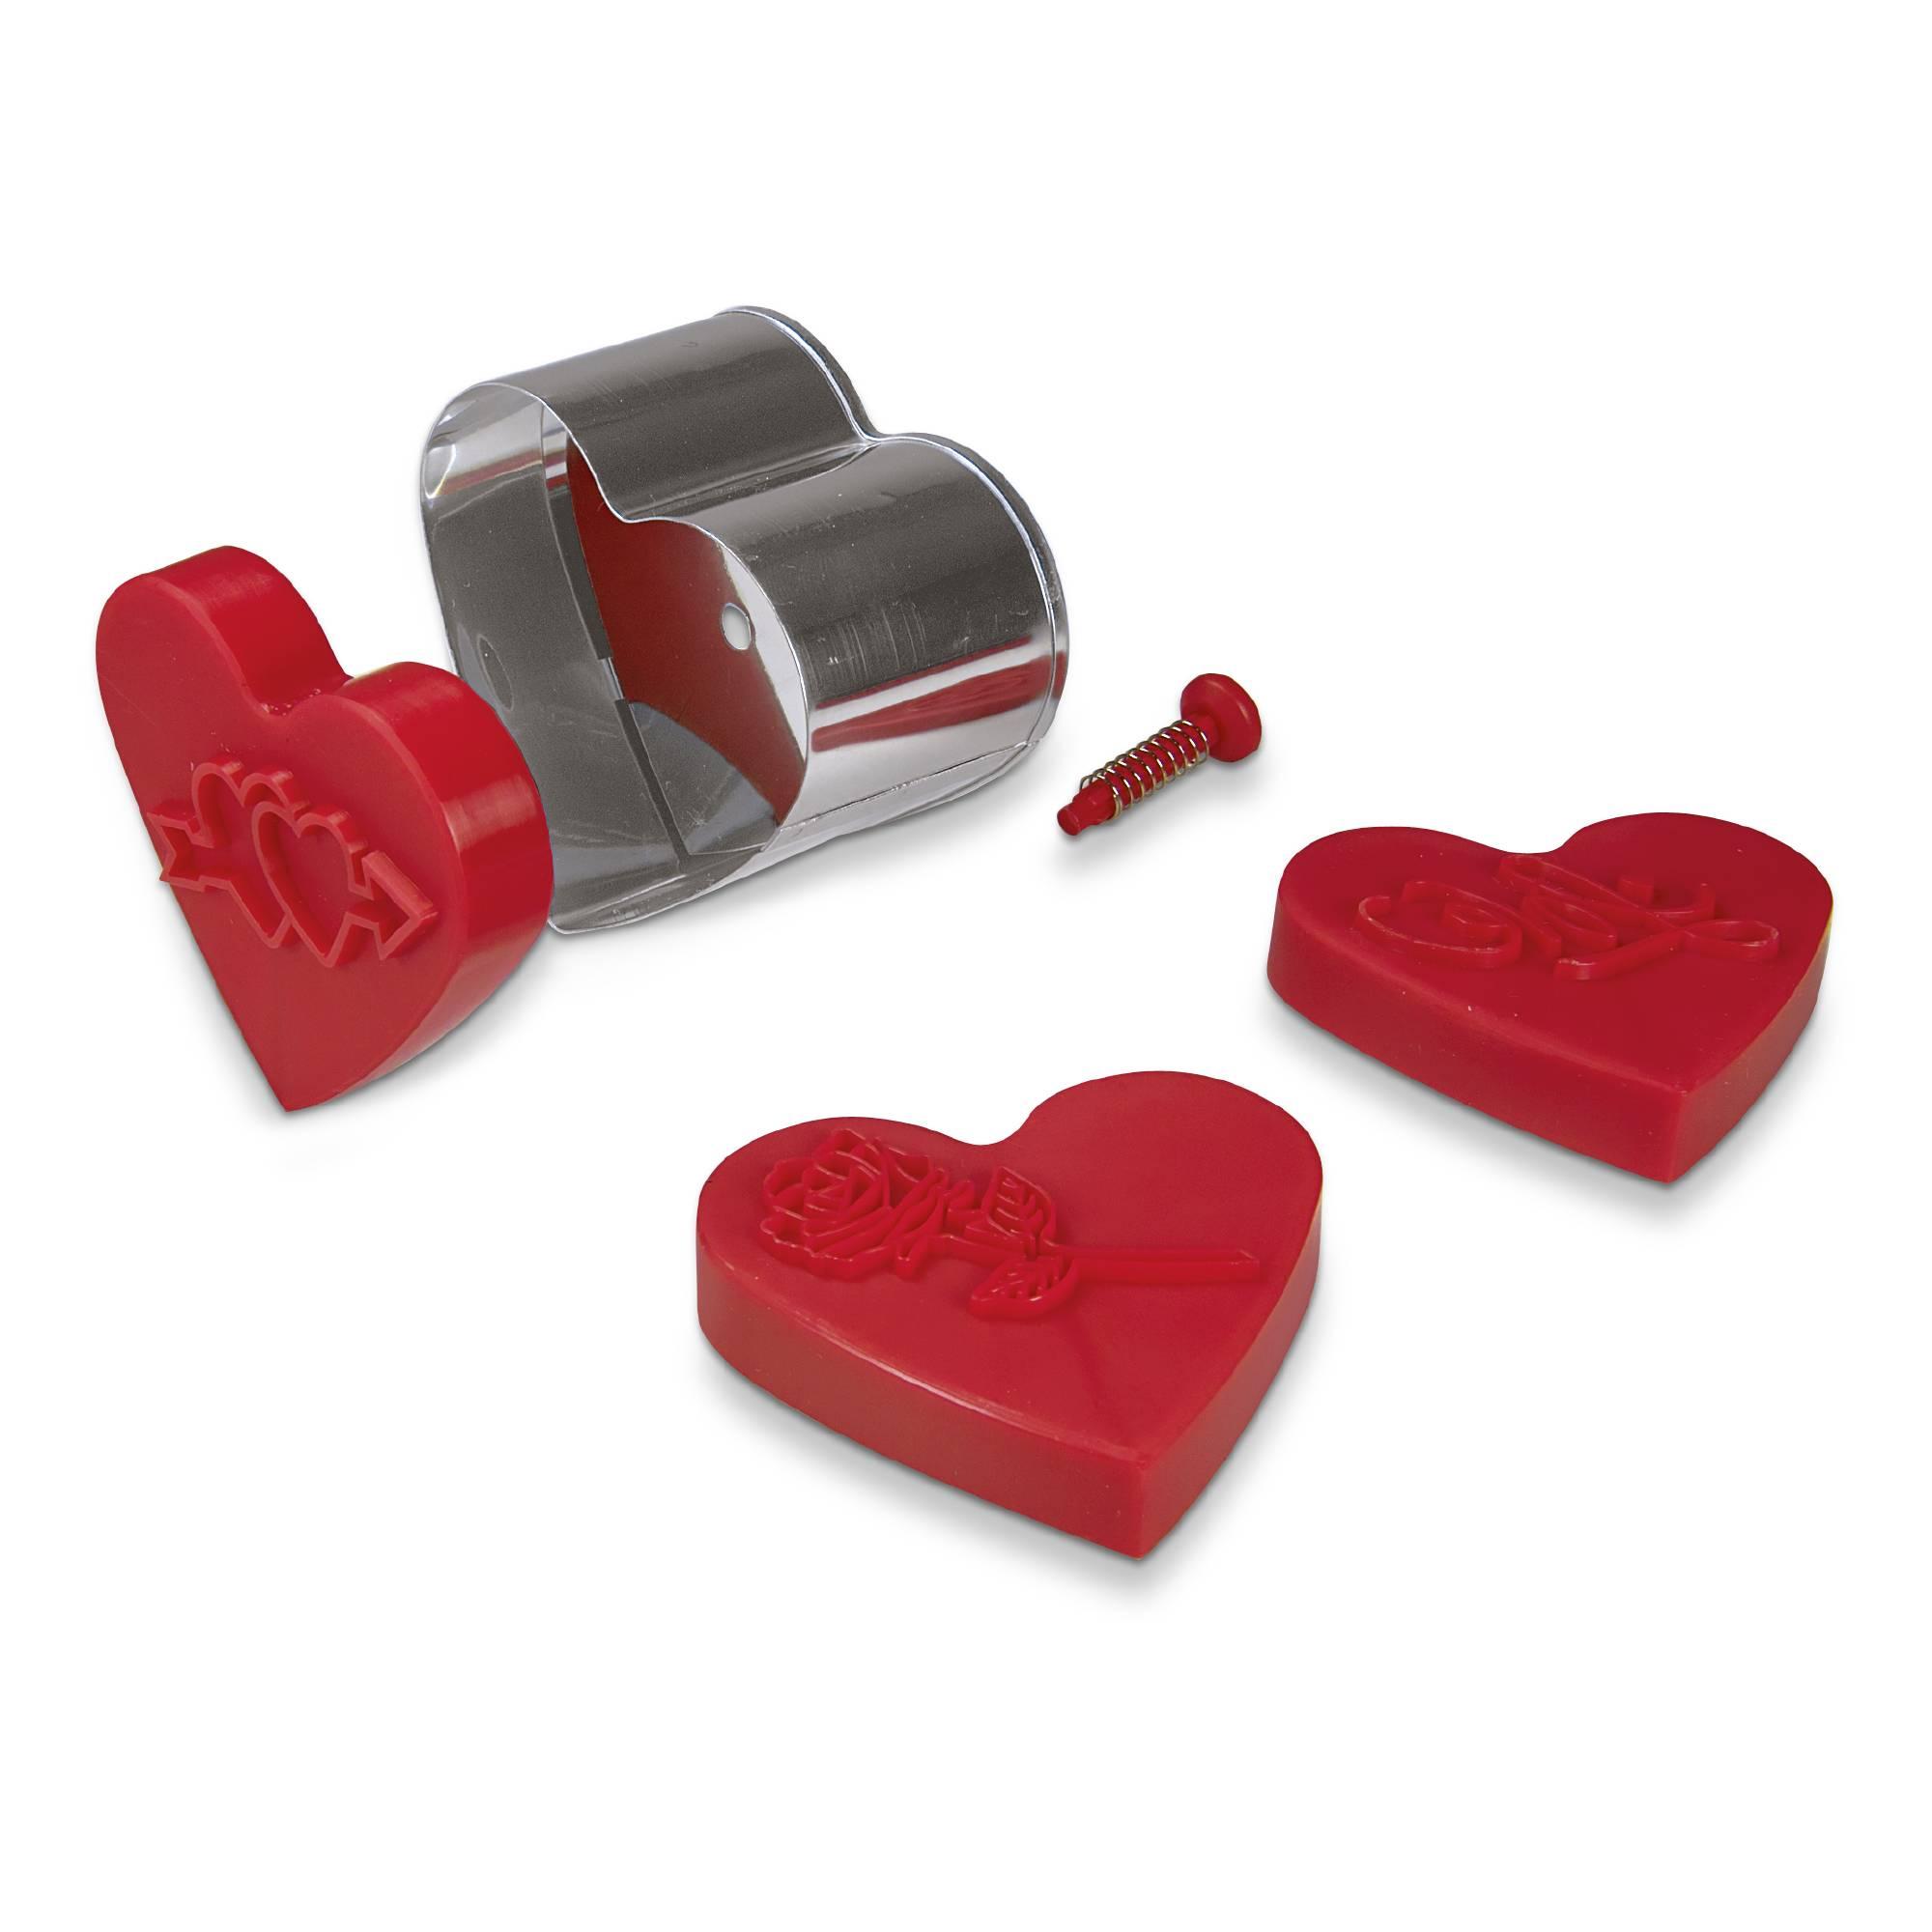 Präge Ausstecher mit Auswerfer Herz 5 teilig mit Wechselmotiv